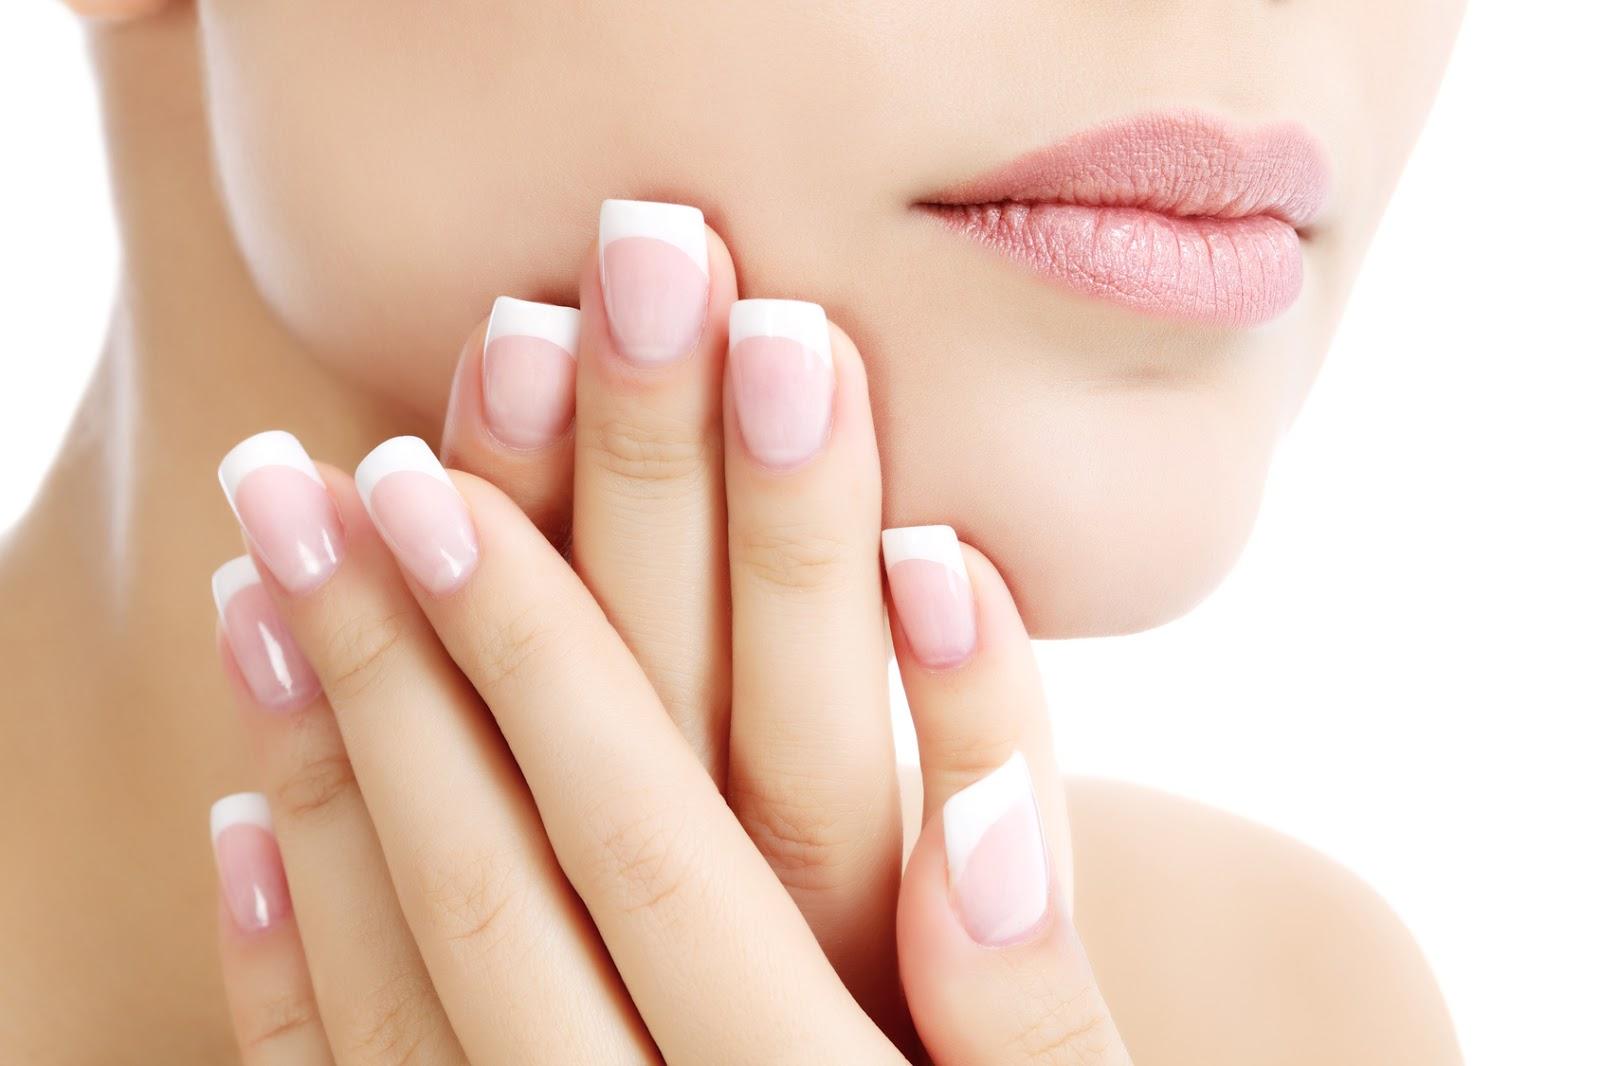 leuconiquia, esmalte, manicure